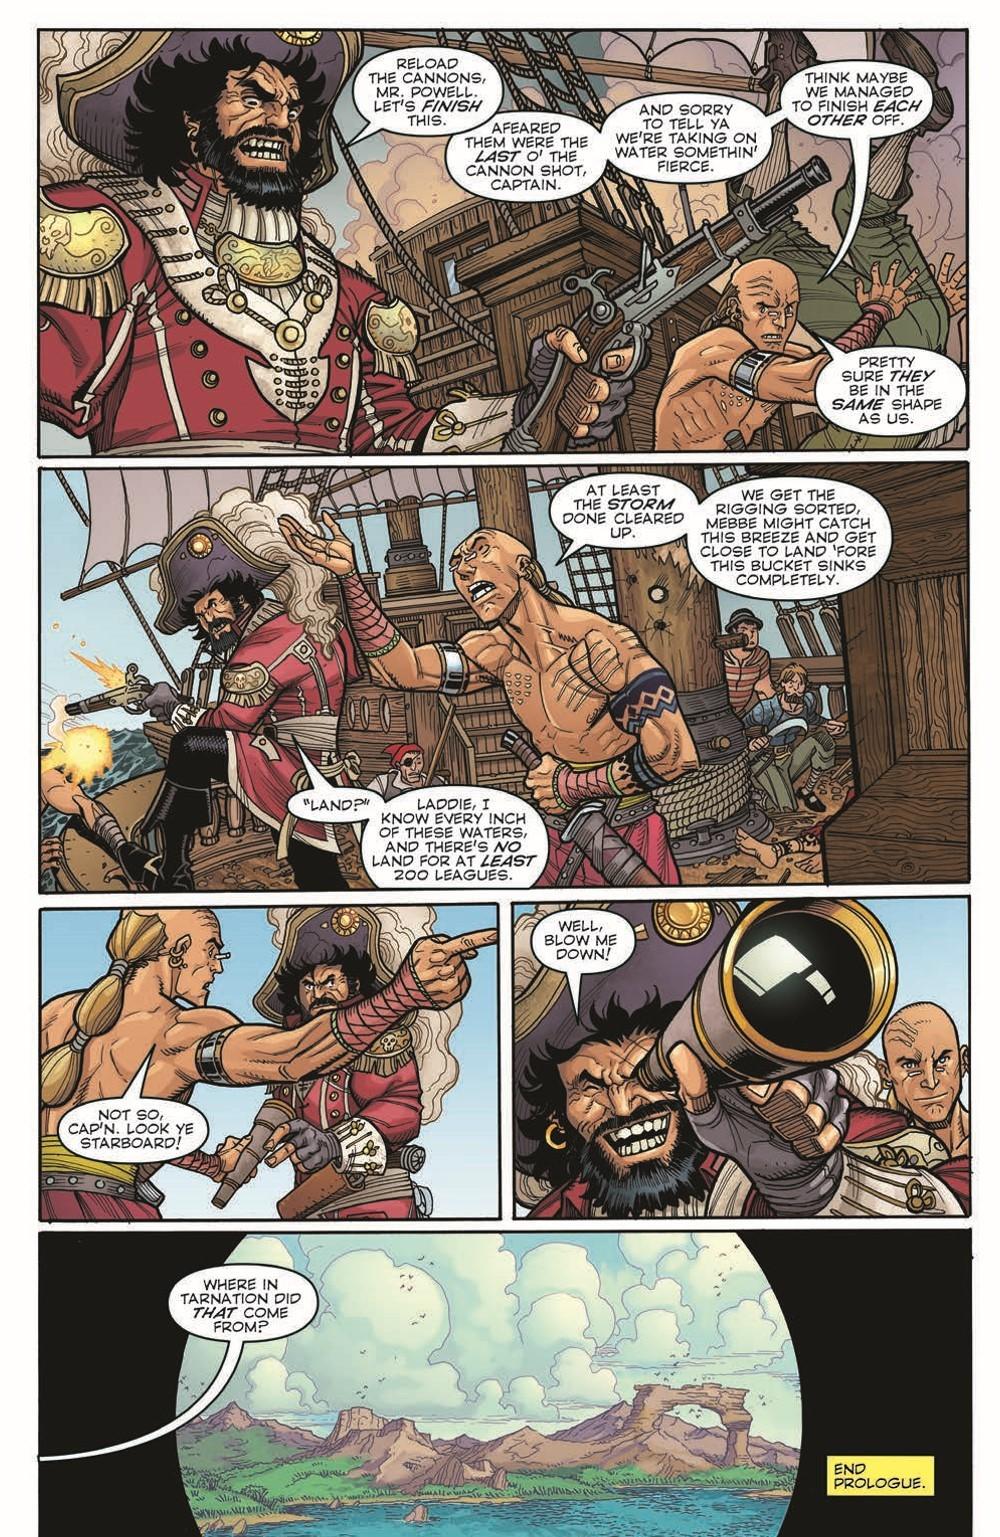 BERMUDA02_pr-5 ComicList Previews: BERMUDA #2 (OF 4)